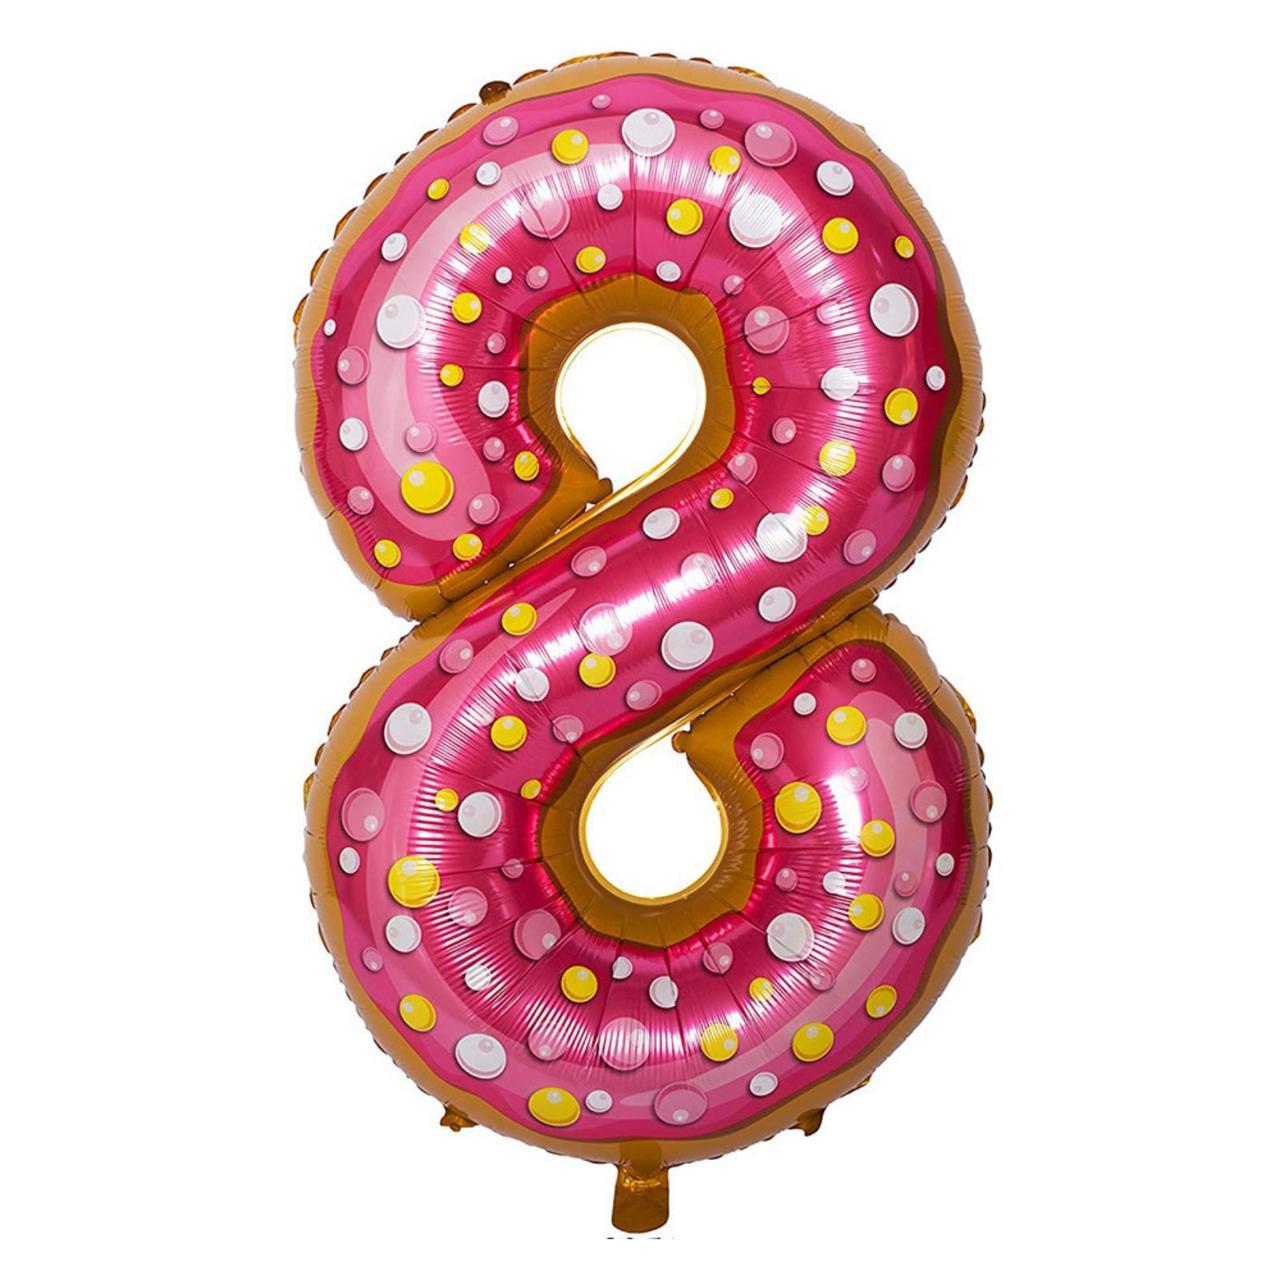 Фольгированная цифра 8, пончик, 1м